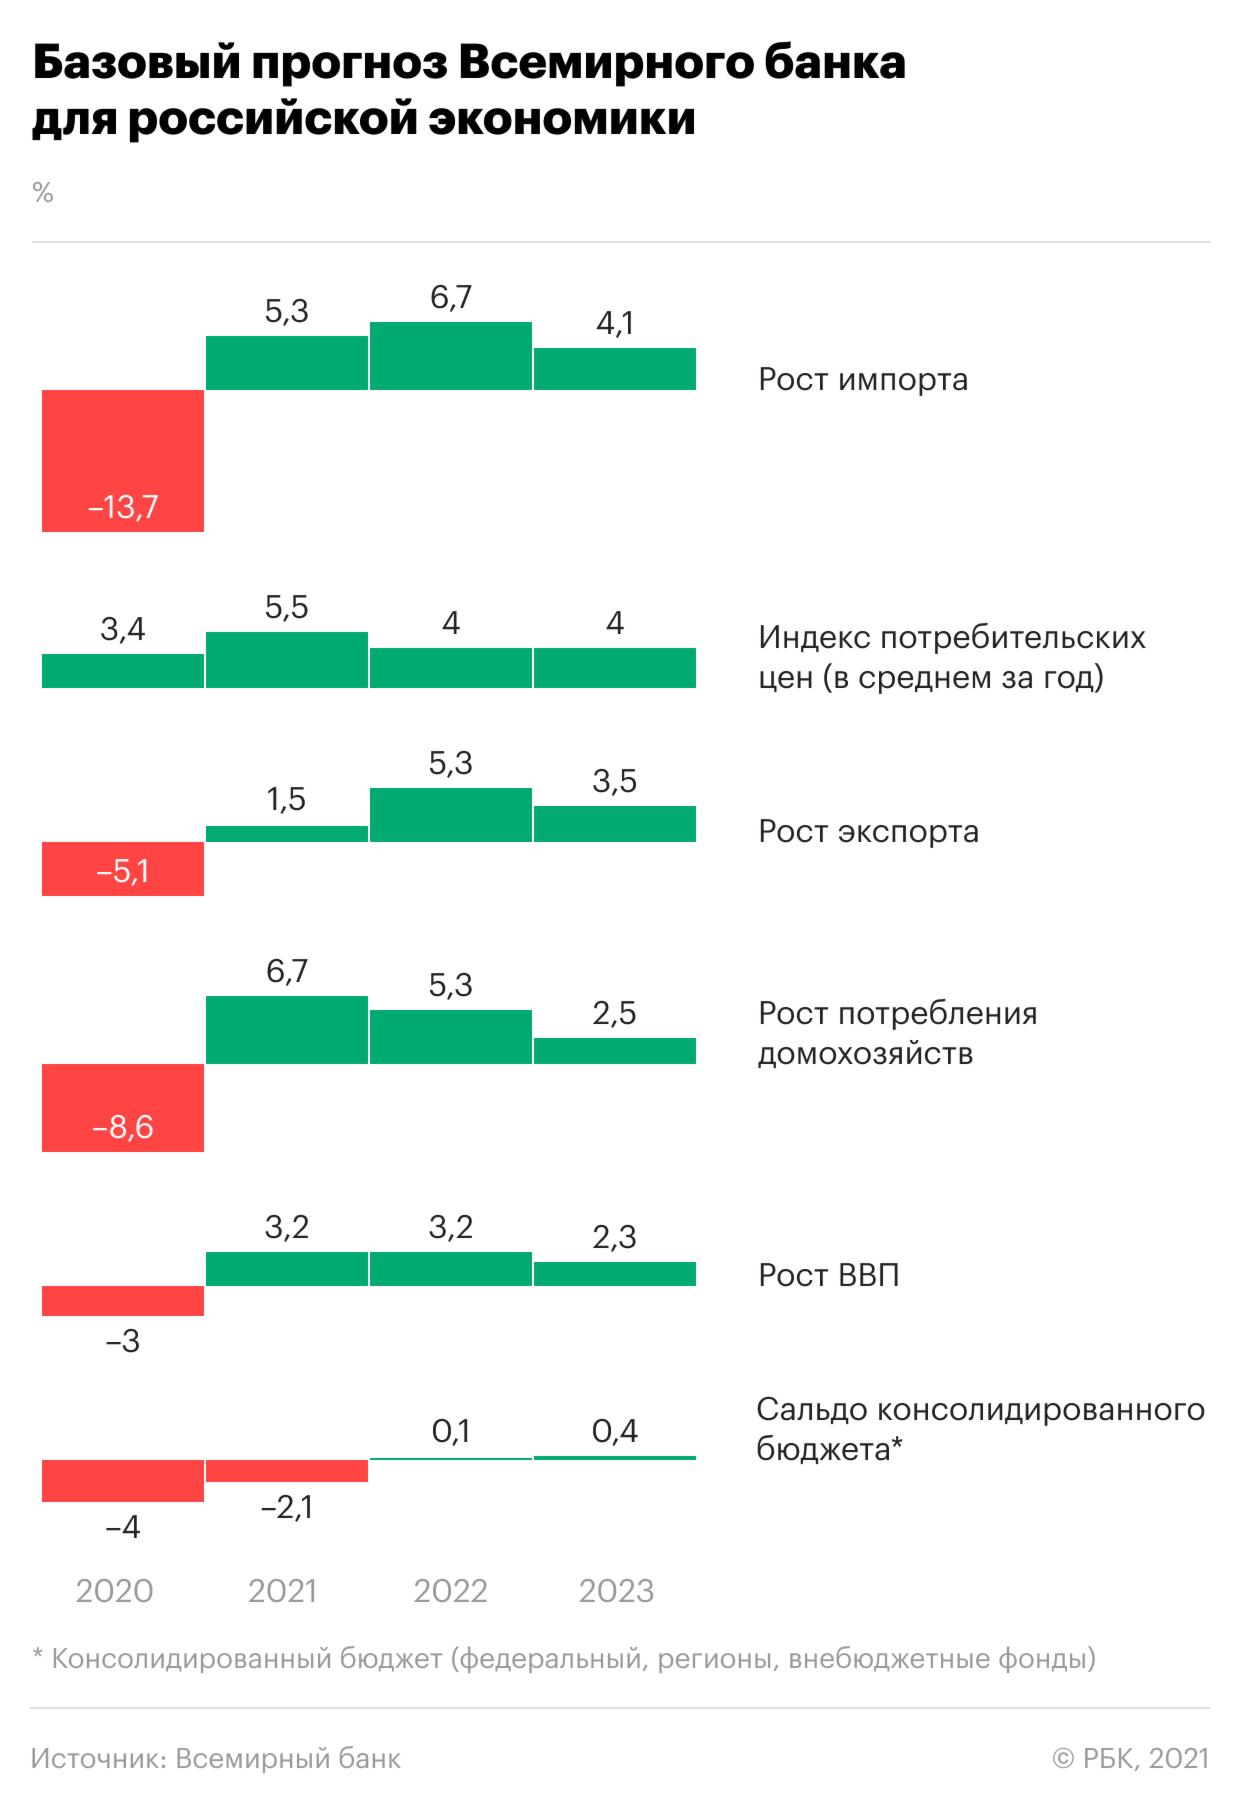 Какой ВВП и цены предсказал Всемирный банк для России. Инфографика